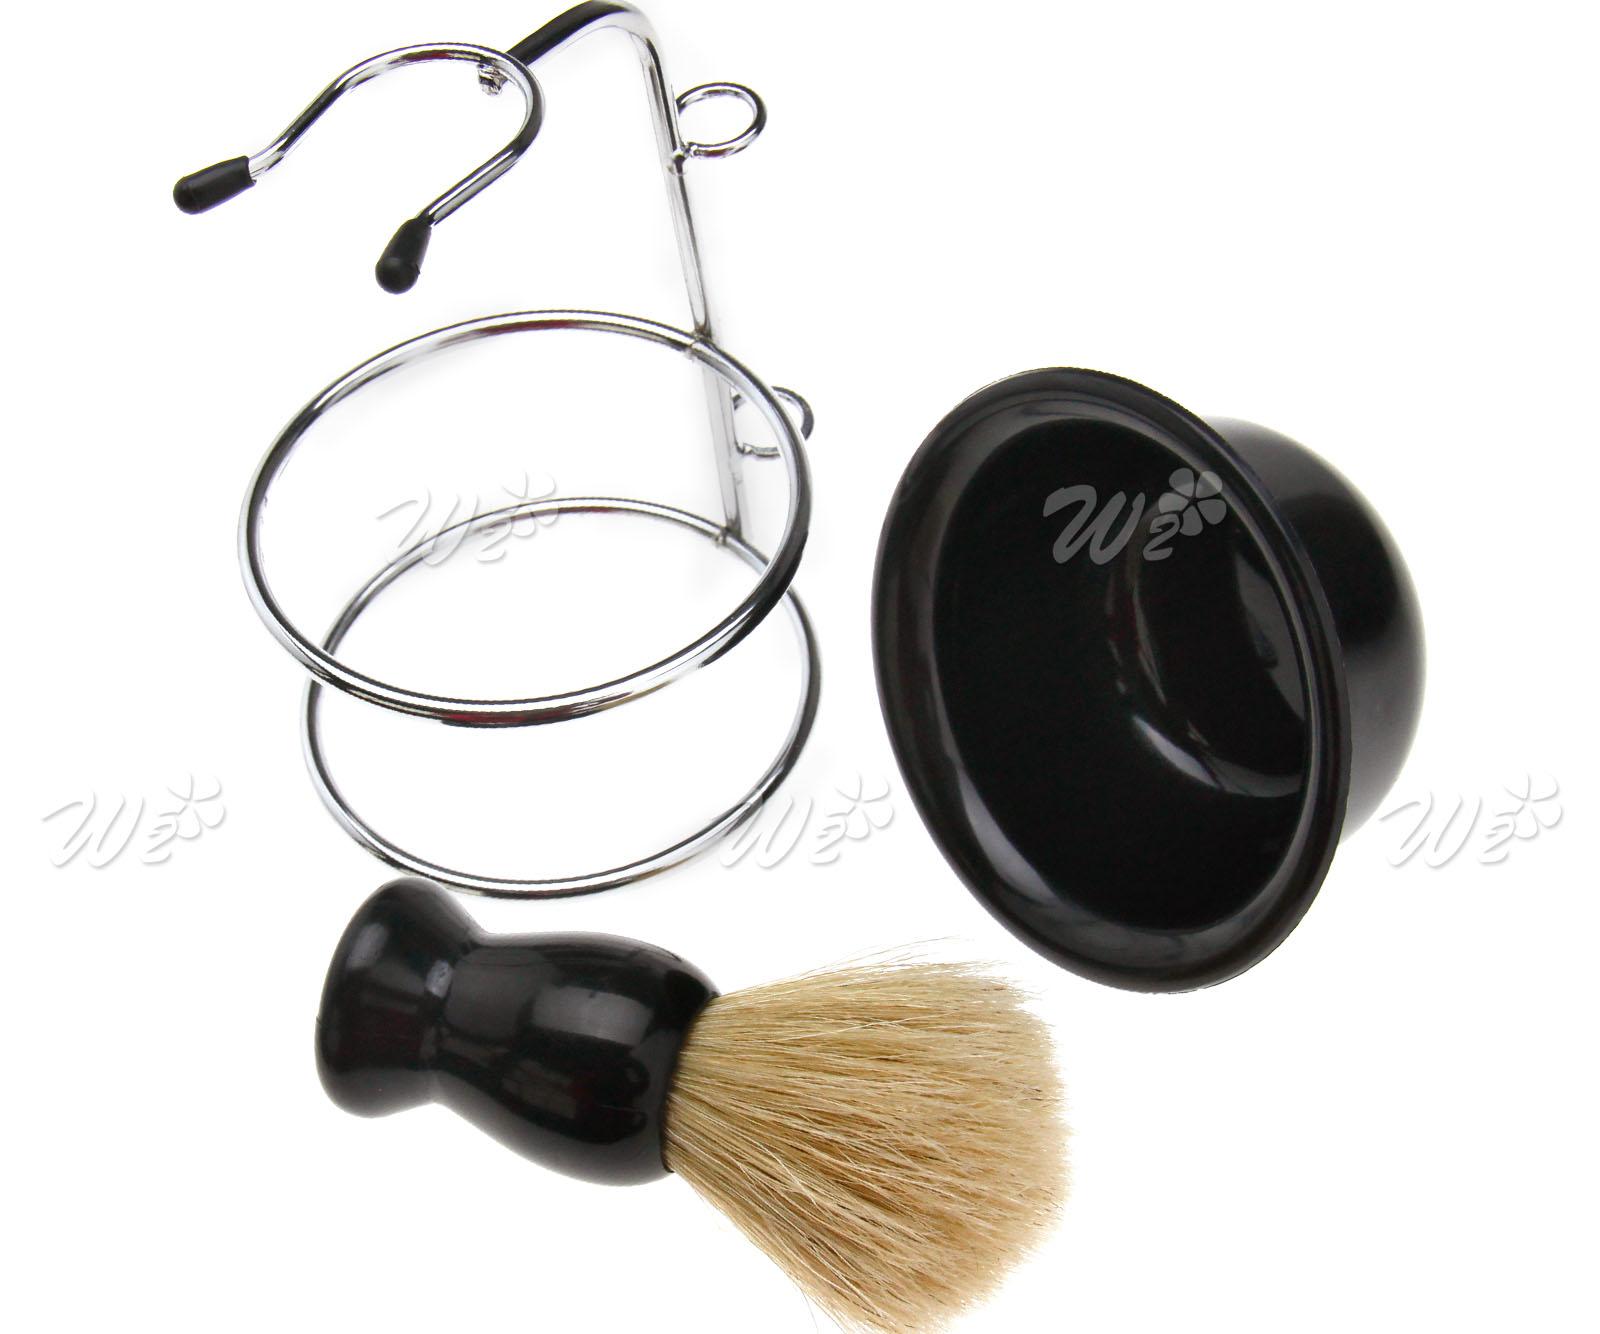 4 in 1 shaving razor beard clean kit brush soap bowl stand razor blades kit ebay. Black Bedroom Furniture Sets. Home Design Ideas